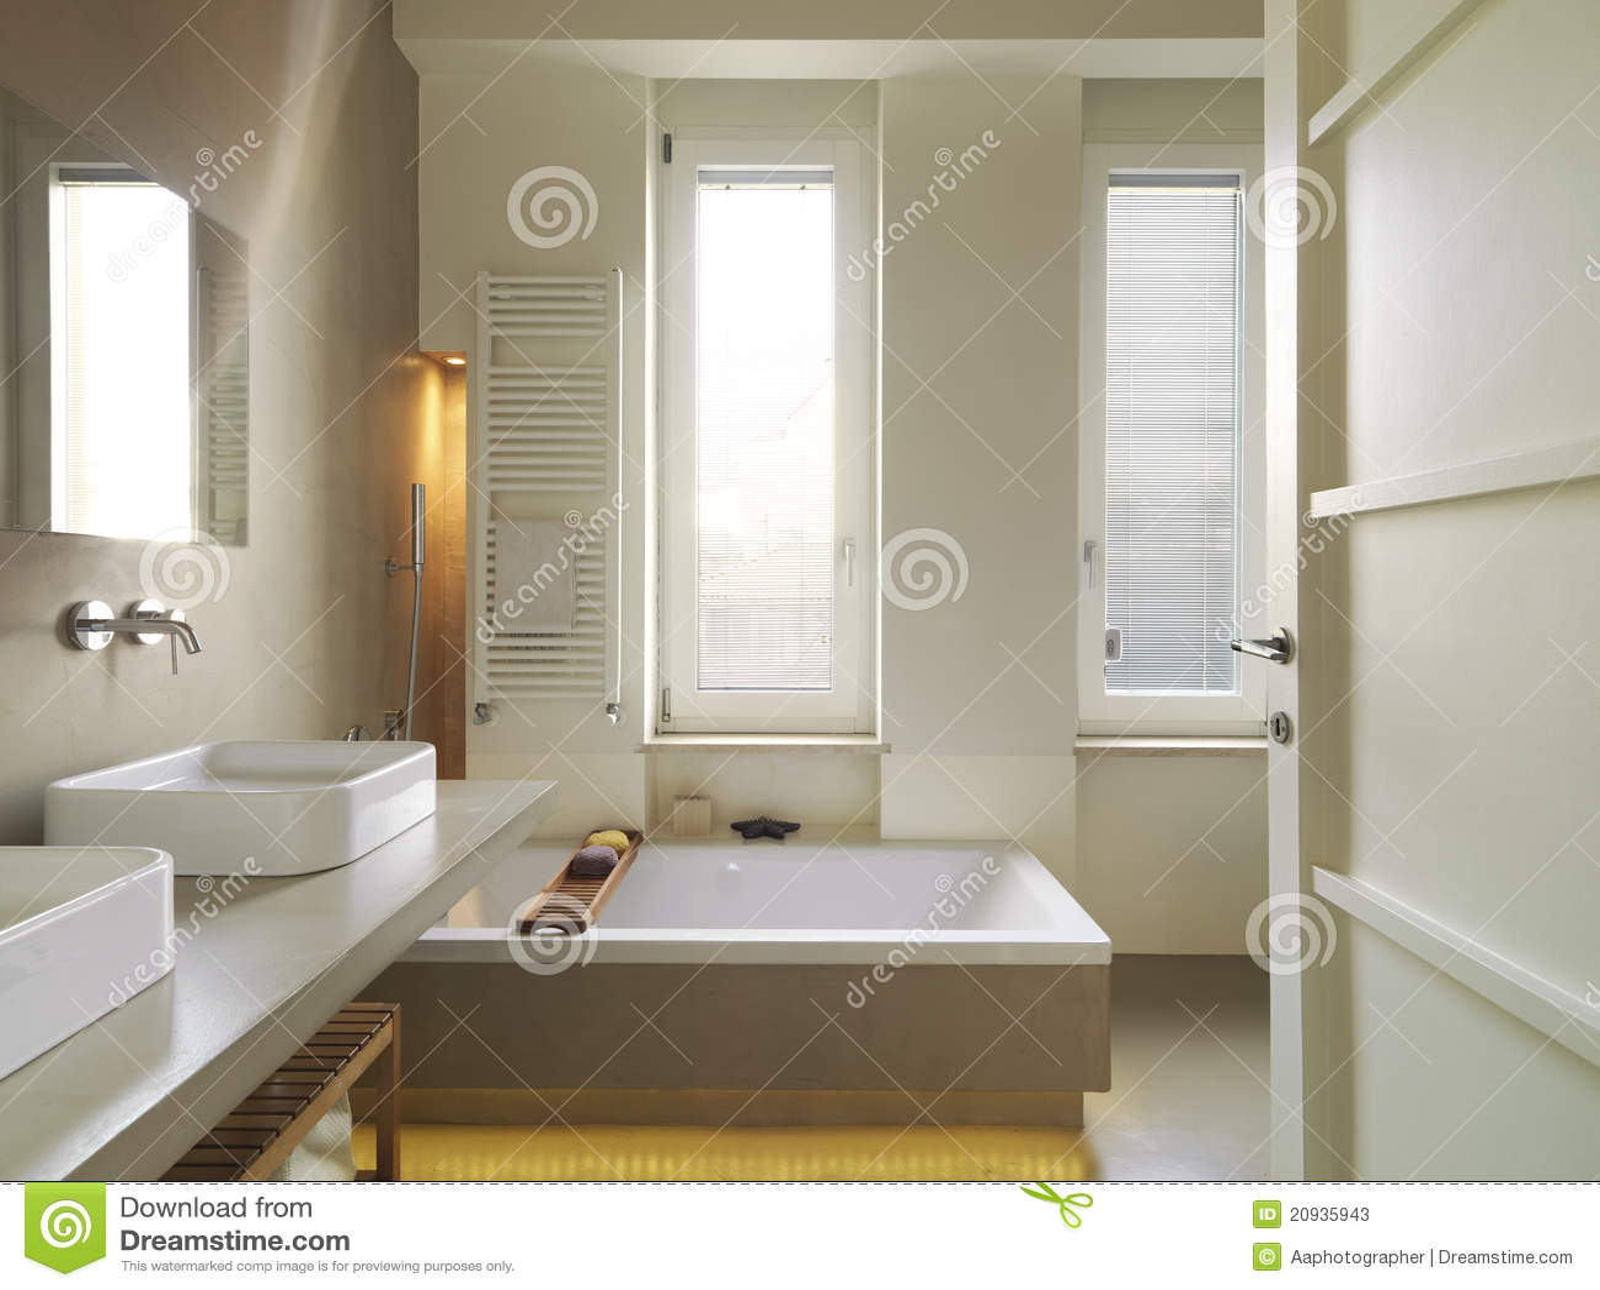 Salle de bains moderne photos stock image 20935943 - Salle de bains moderne ...